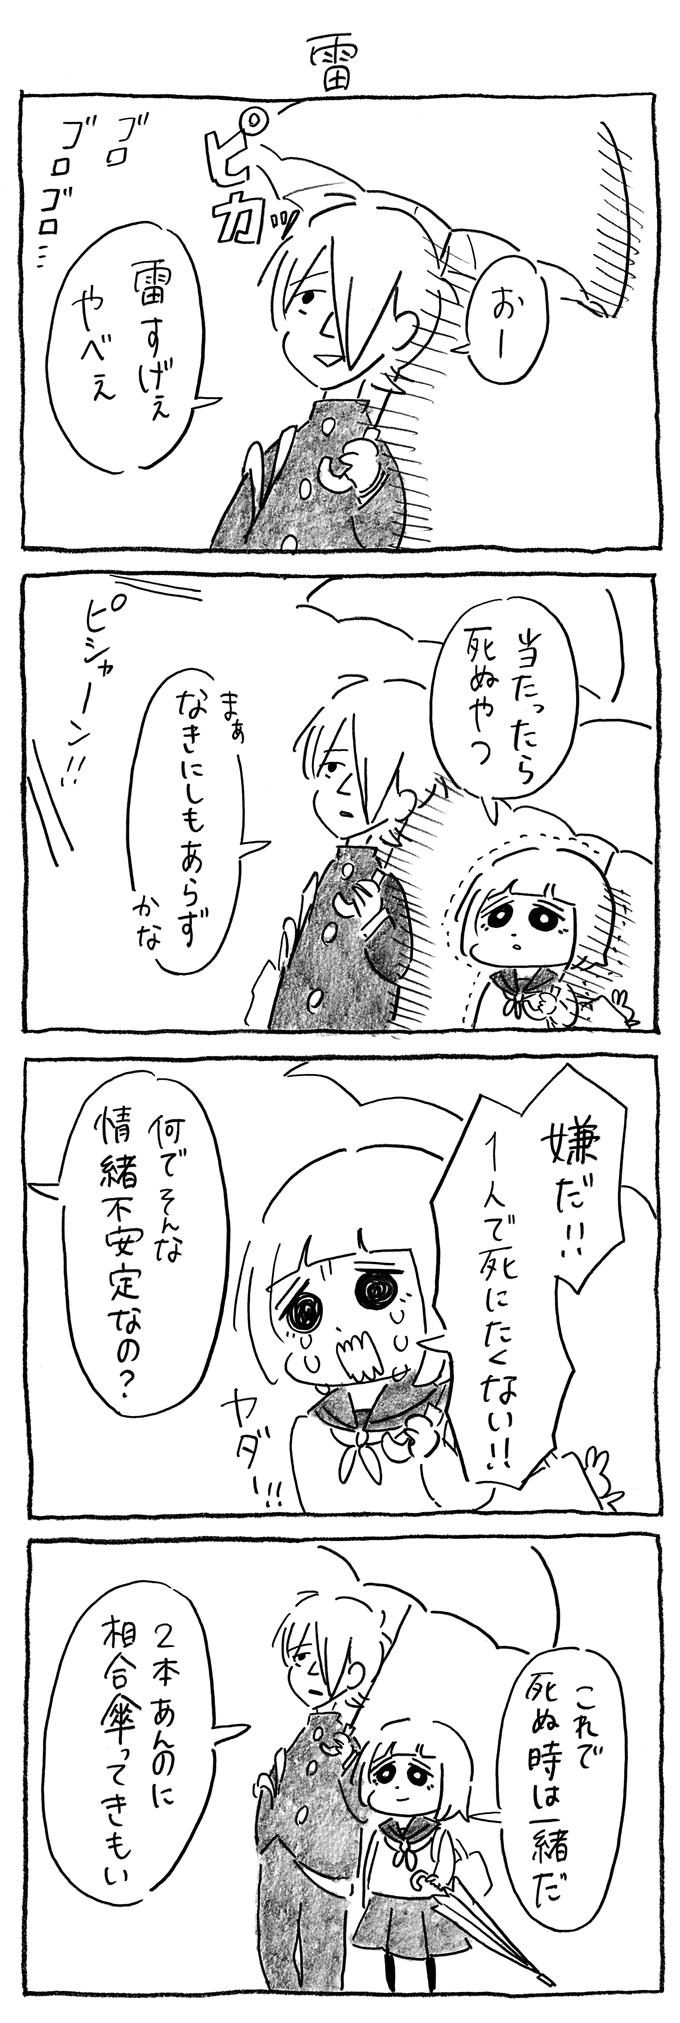 秋田 (2): ク イ ズ の 答 え 合 わ せ